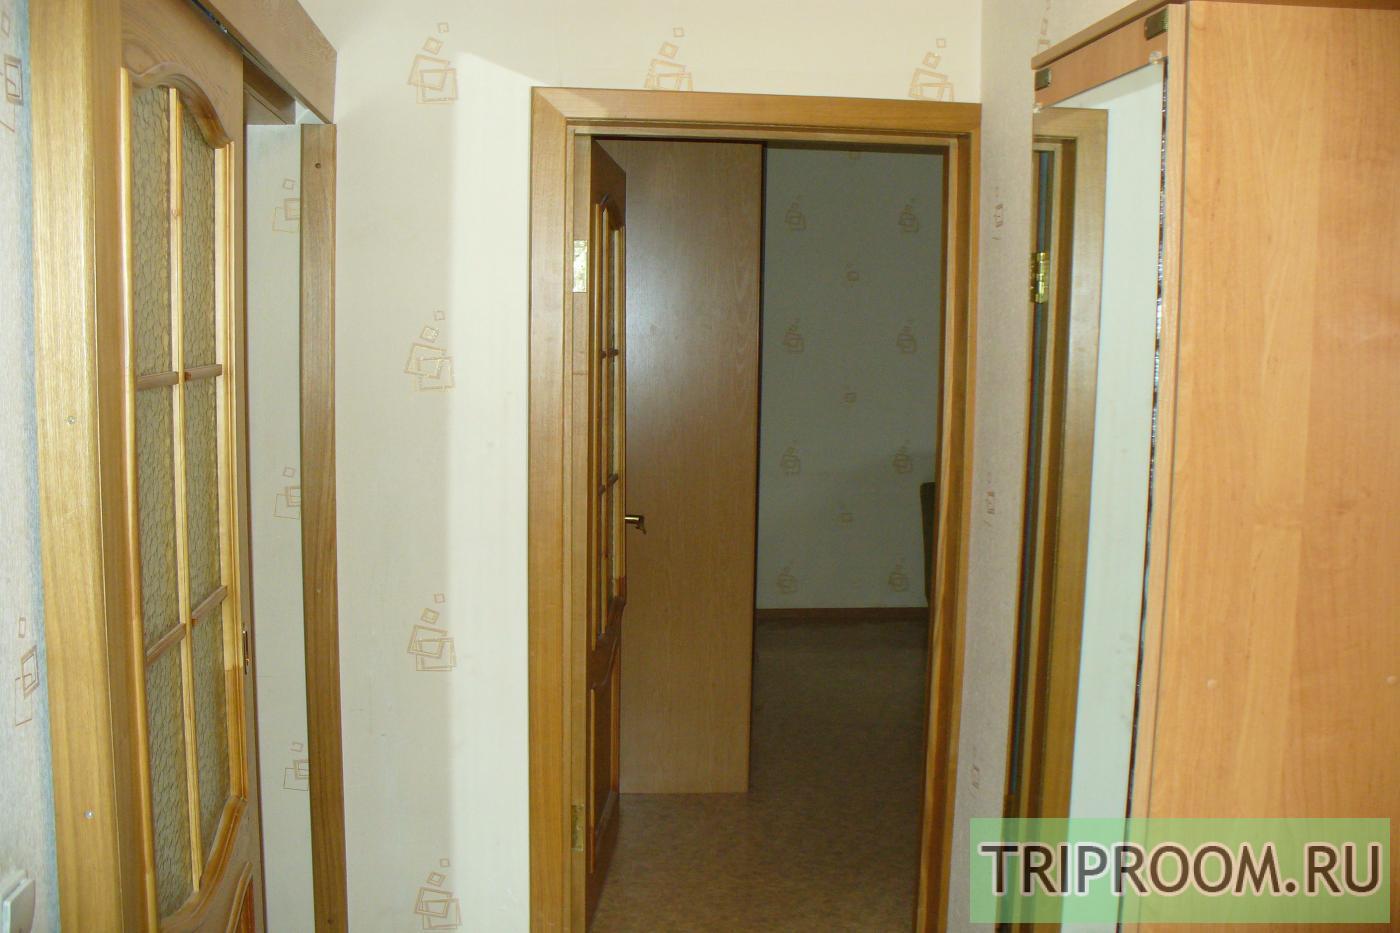 1-комнатная квартира посуточно (вариант № 15391), ул. Елизаровых улица, фото № 5